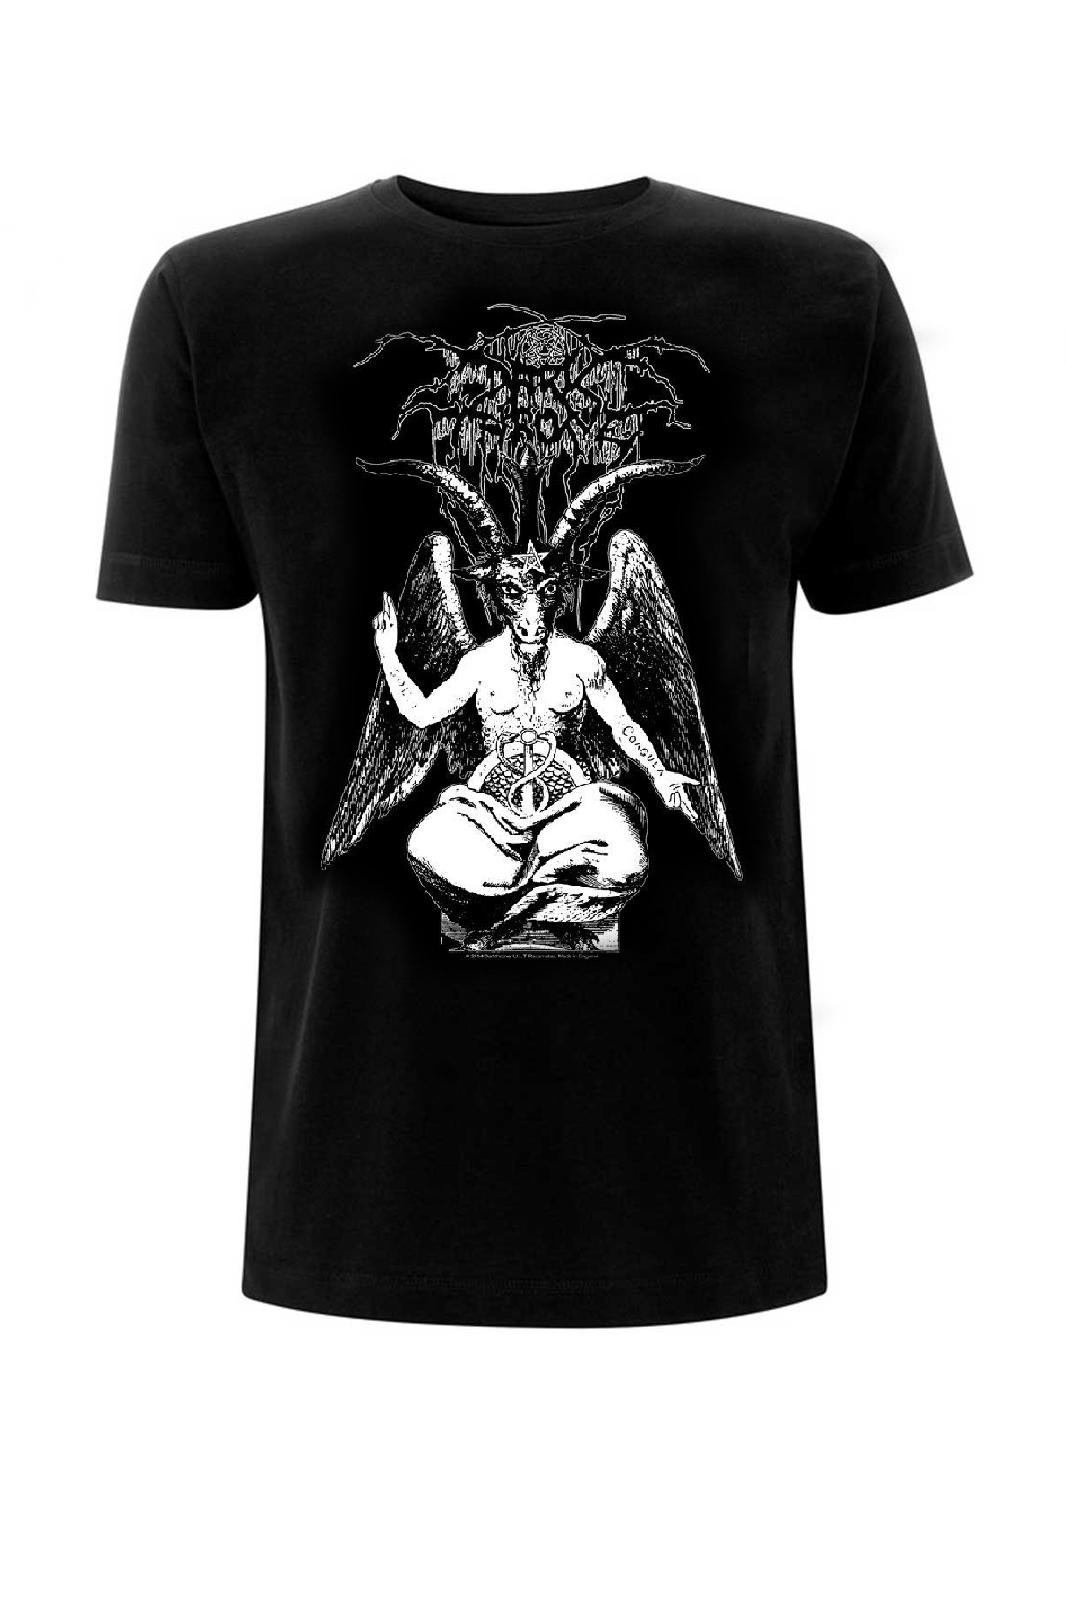 Tee Darkthrone Black Death Beyond Baphomet Black